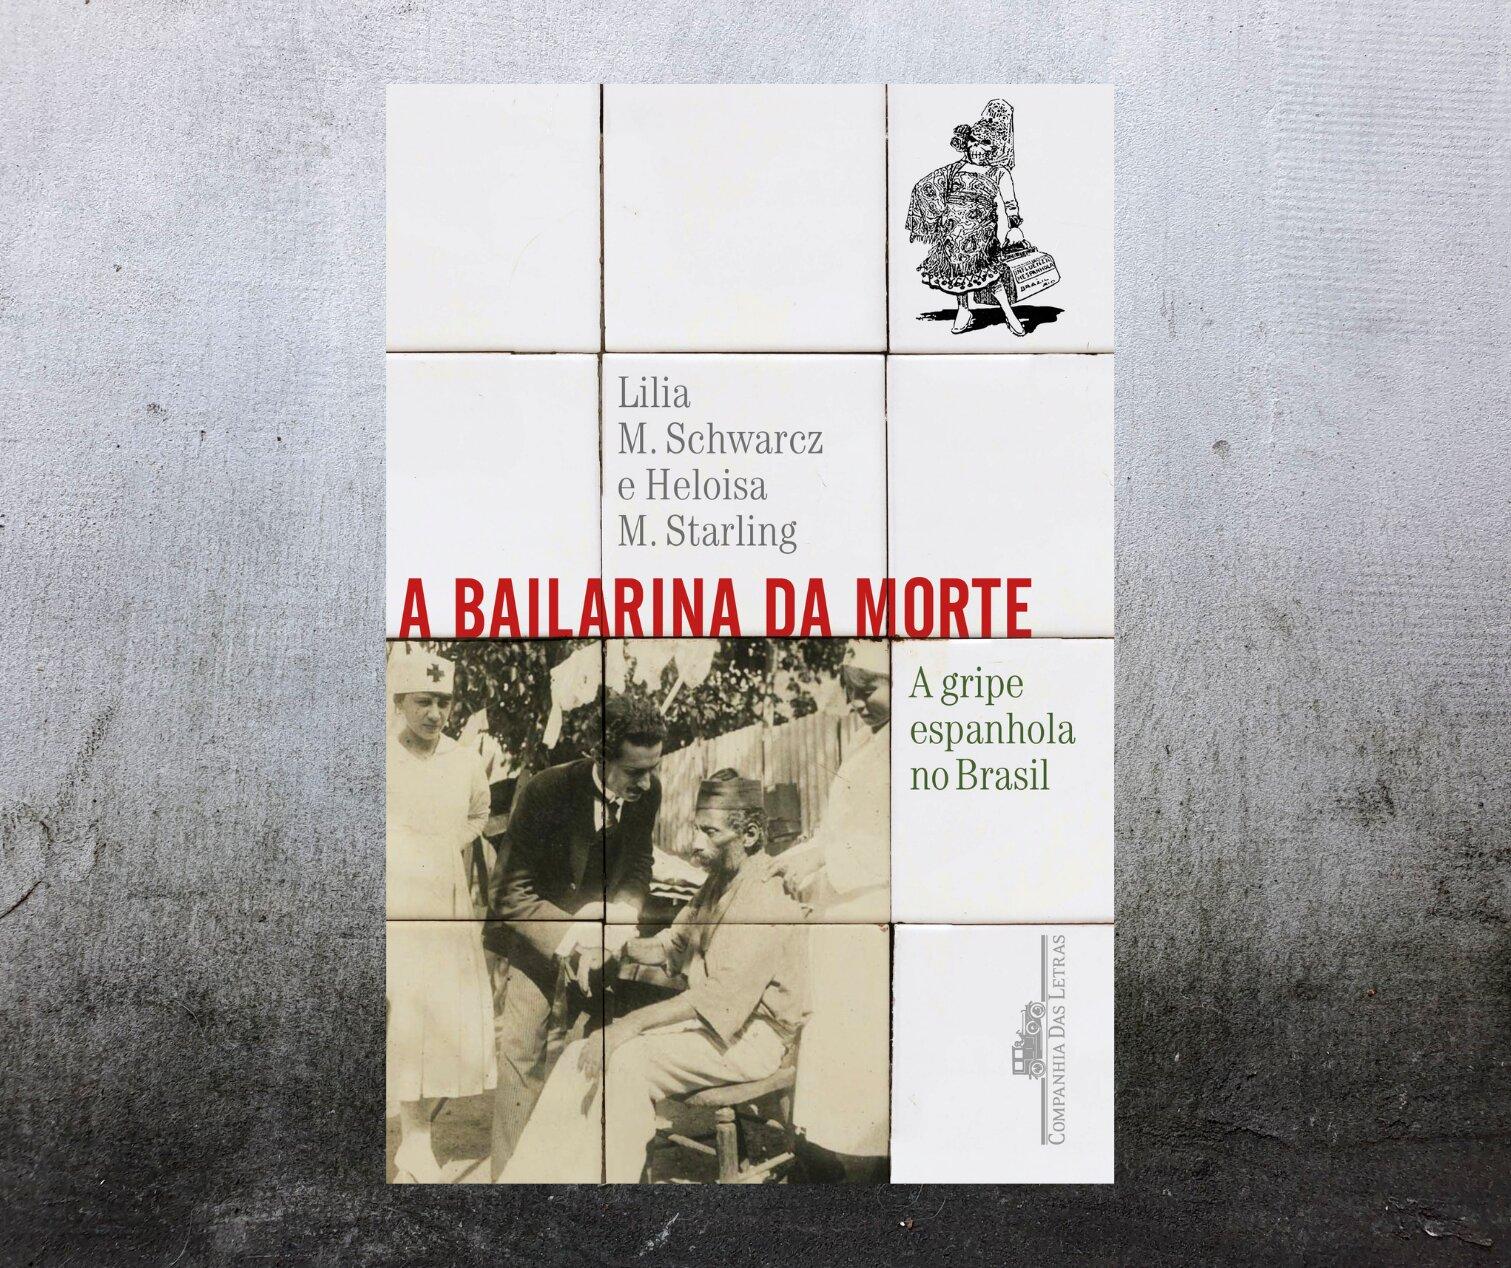 Resenha: A bailarina da morte, a gripe espanhola no Brasil, de  Lilia Moritz Schwarcz e Heloisa Murgel Starling